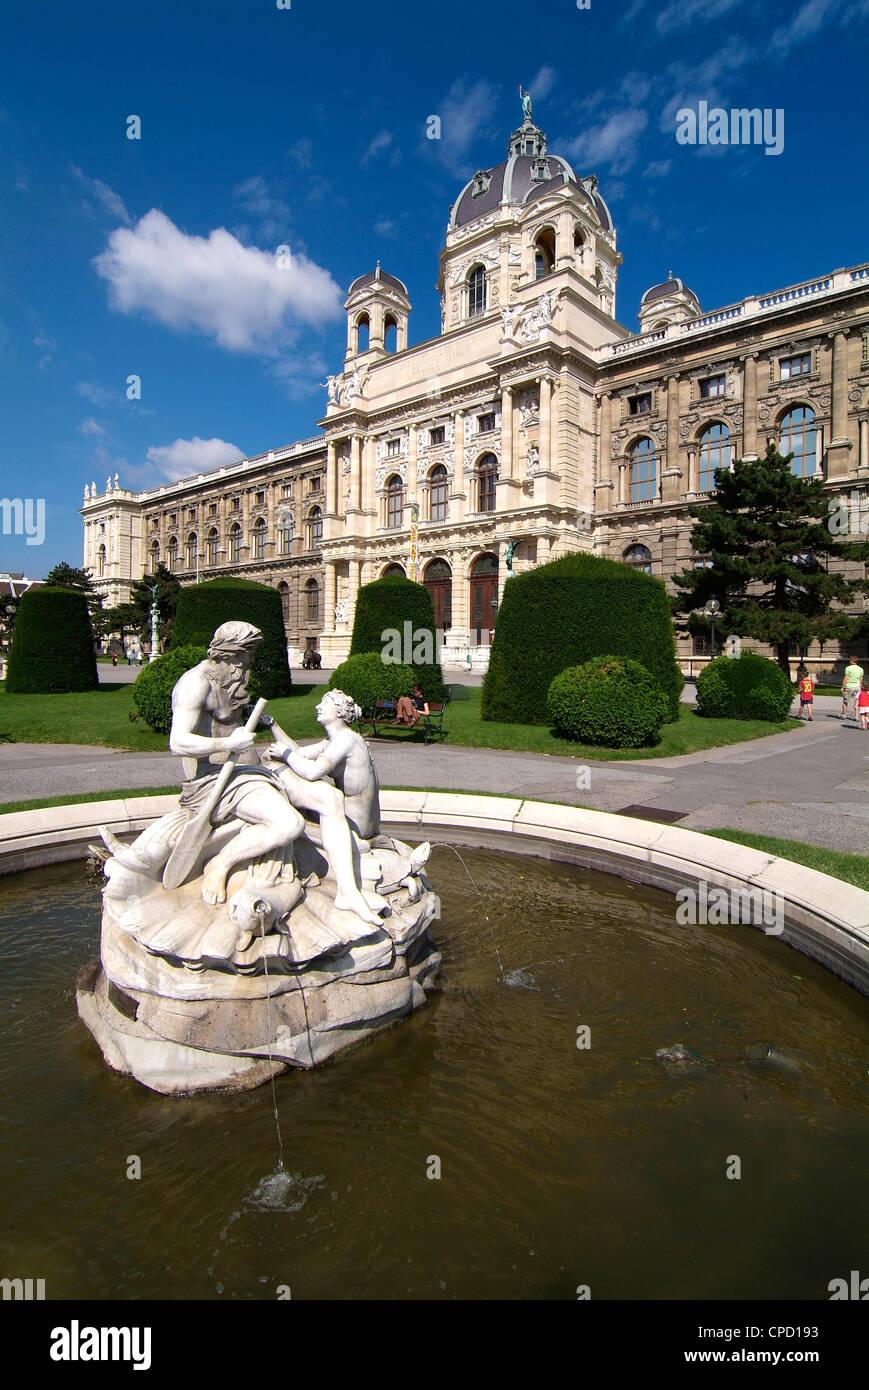 Musée d'Histoire Naturelle, Vienne, Autriche, Europe Photo Stock